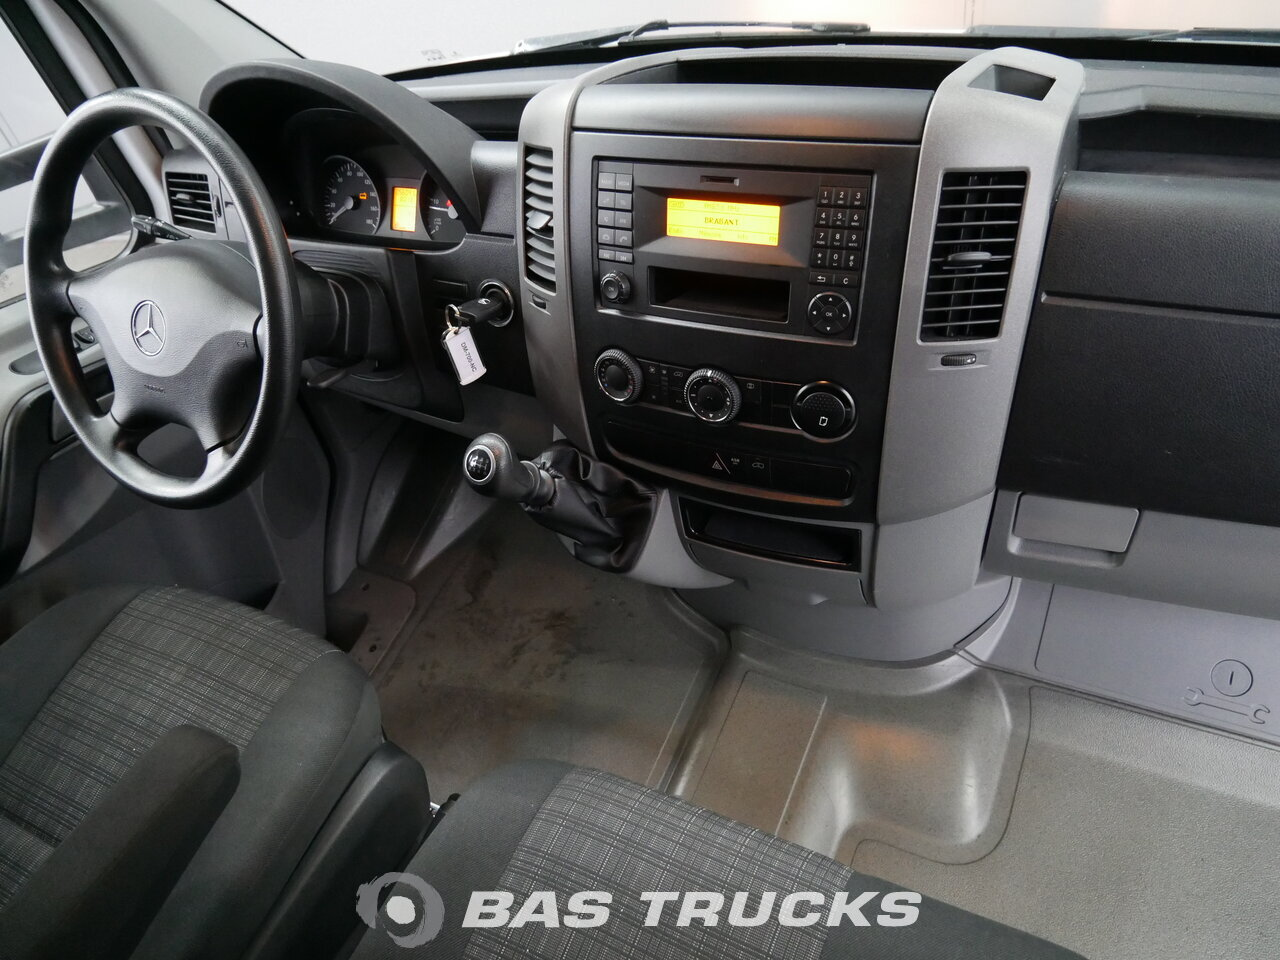 mercedes sprinter 513 leichte nutzfahrzeuge 19900 bas trucks. Black Bedroom Furniture Sets. Home Design Ideas